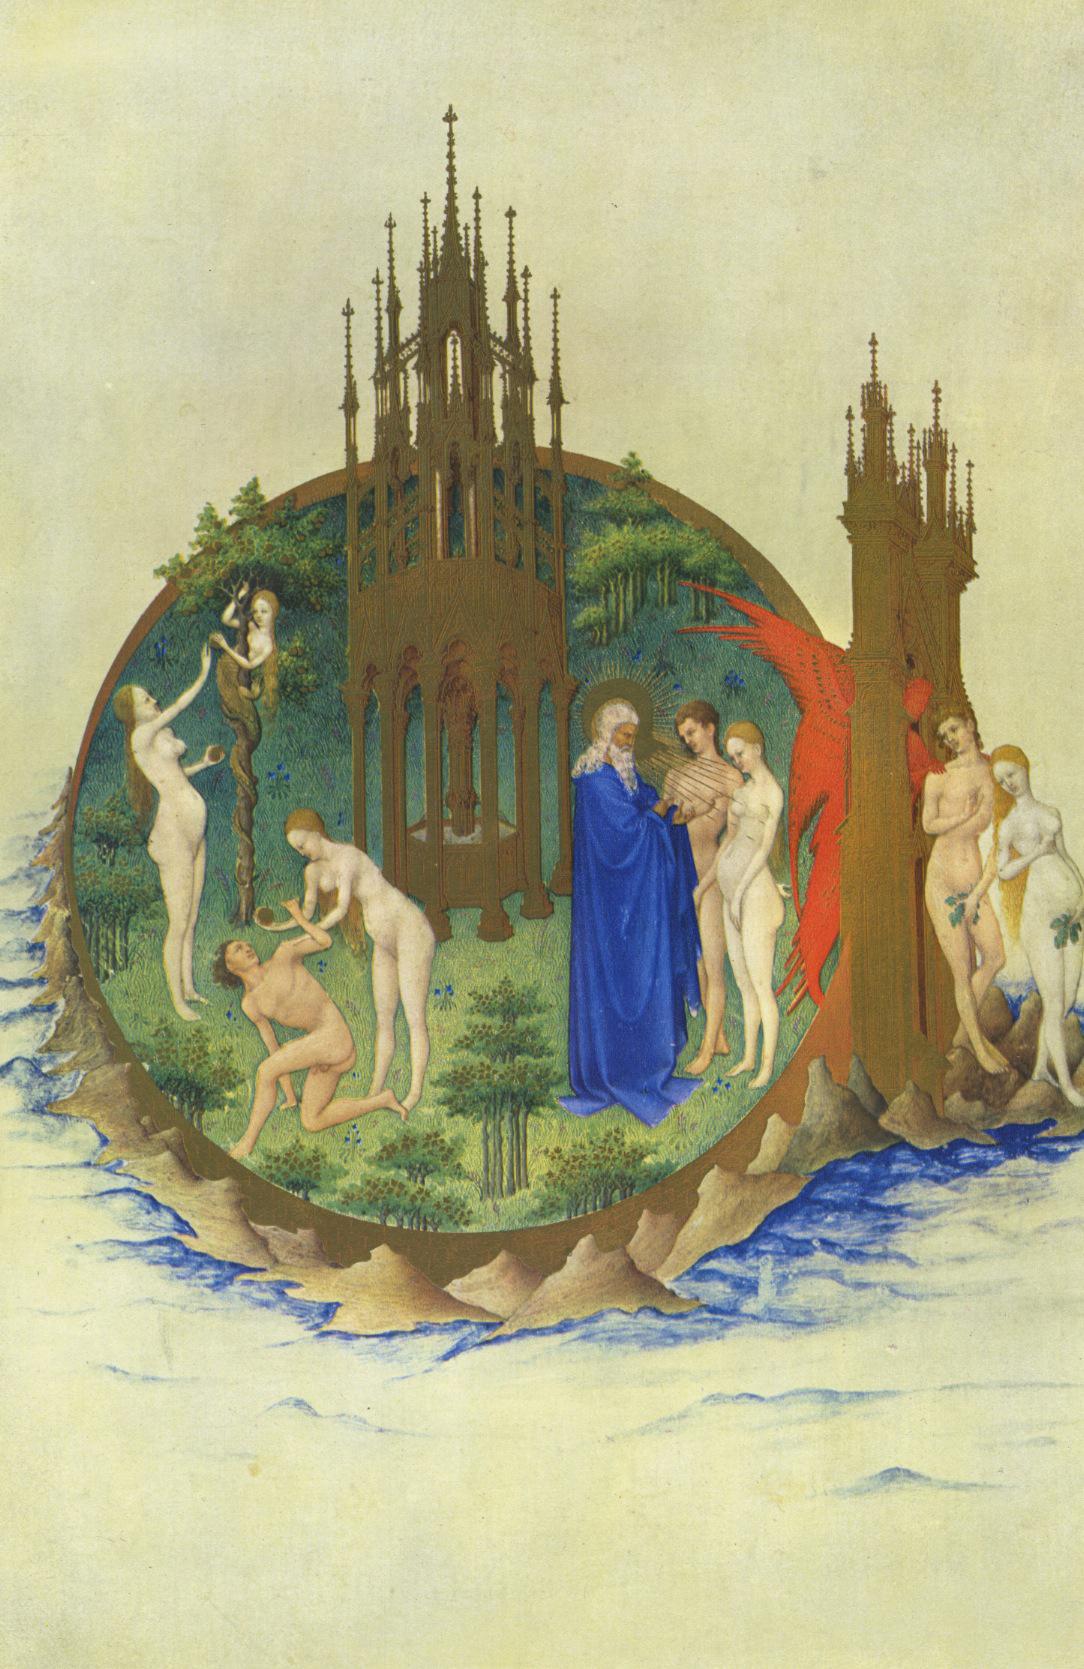 aqa history gcse coursework - The Veiled Stars